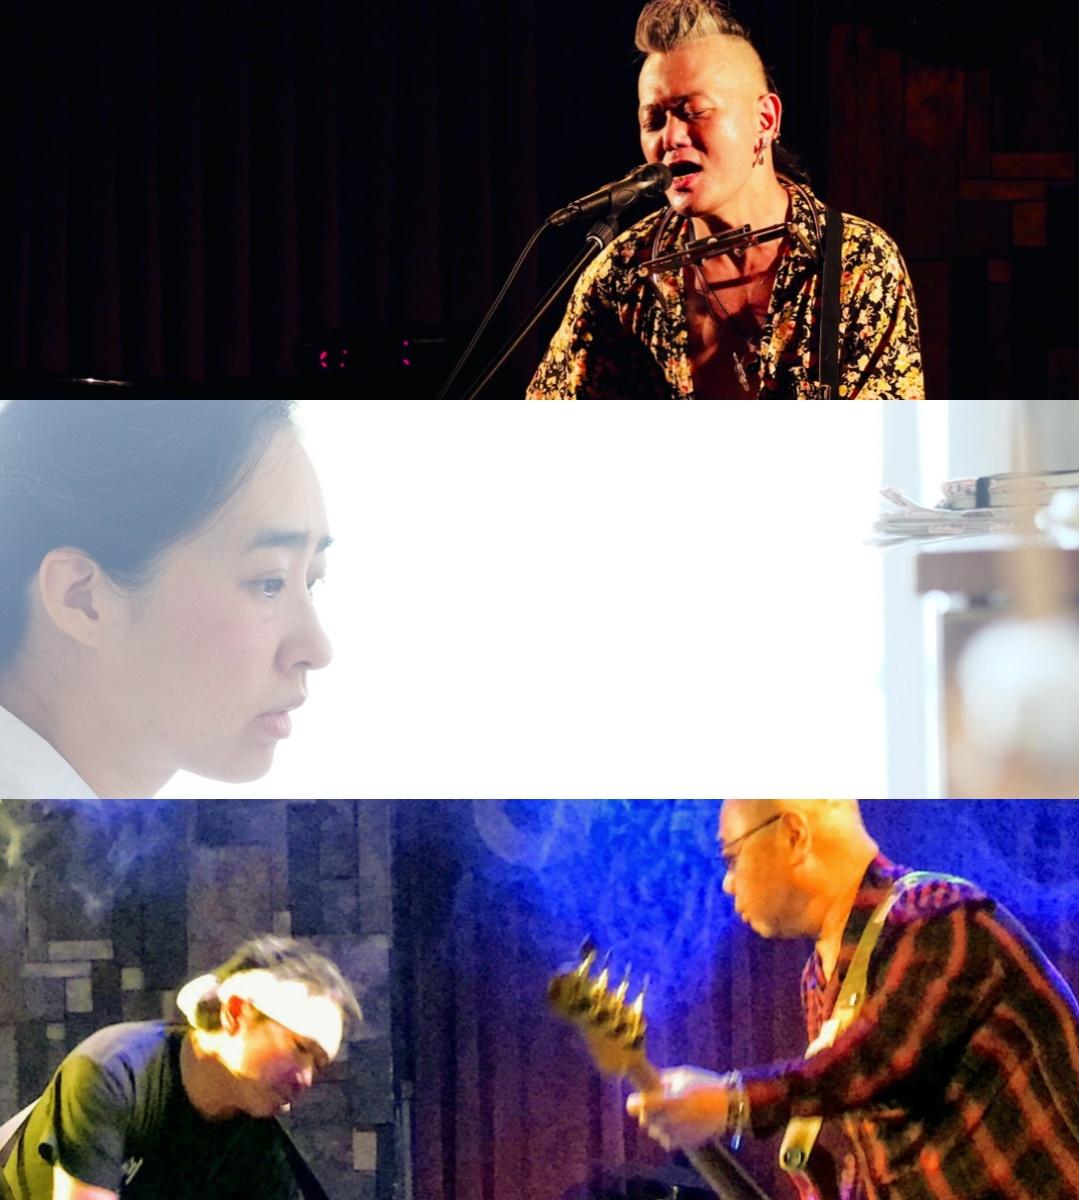 『夜行列車は血のなかを走る』出演:浦邉力 / 島崎智子 / 高橋小一&サモン